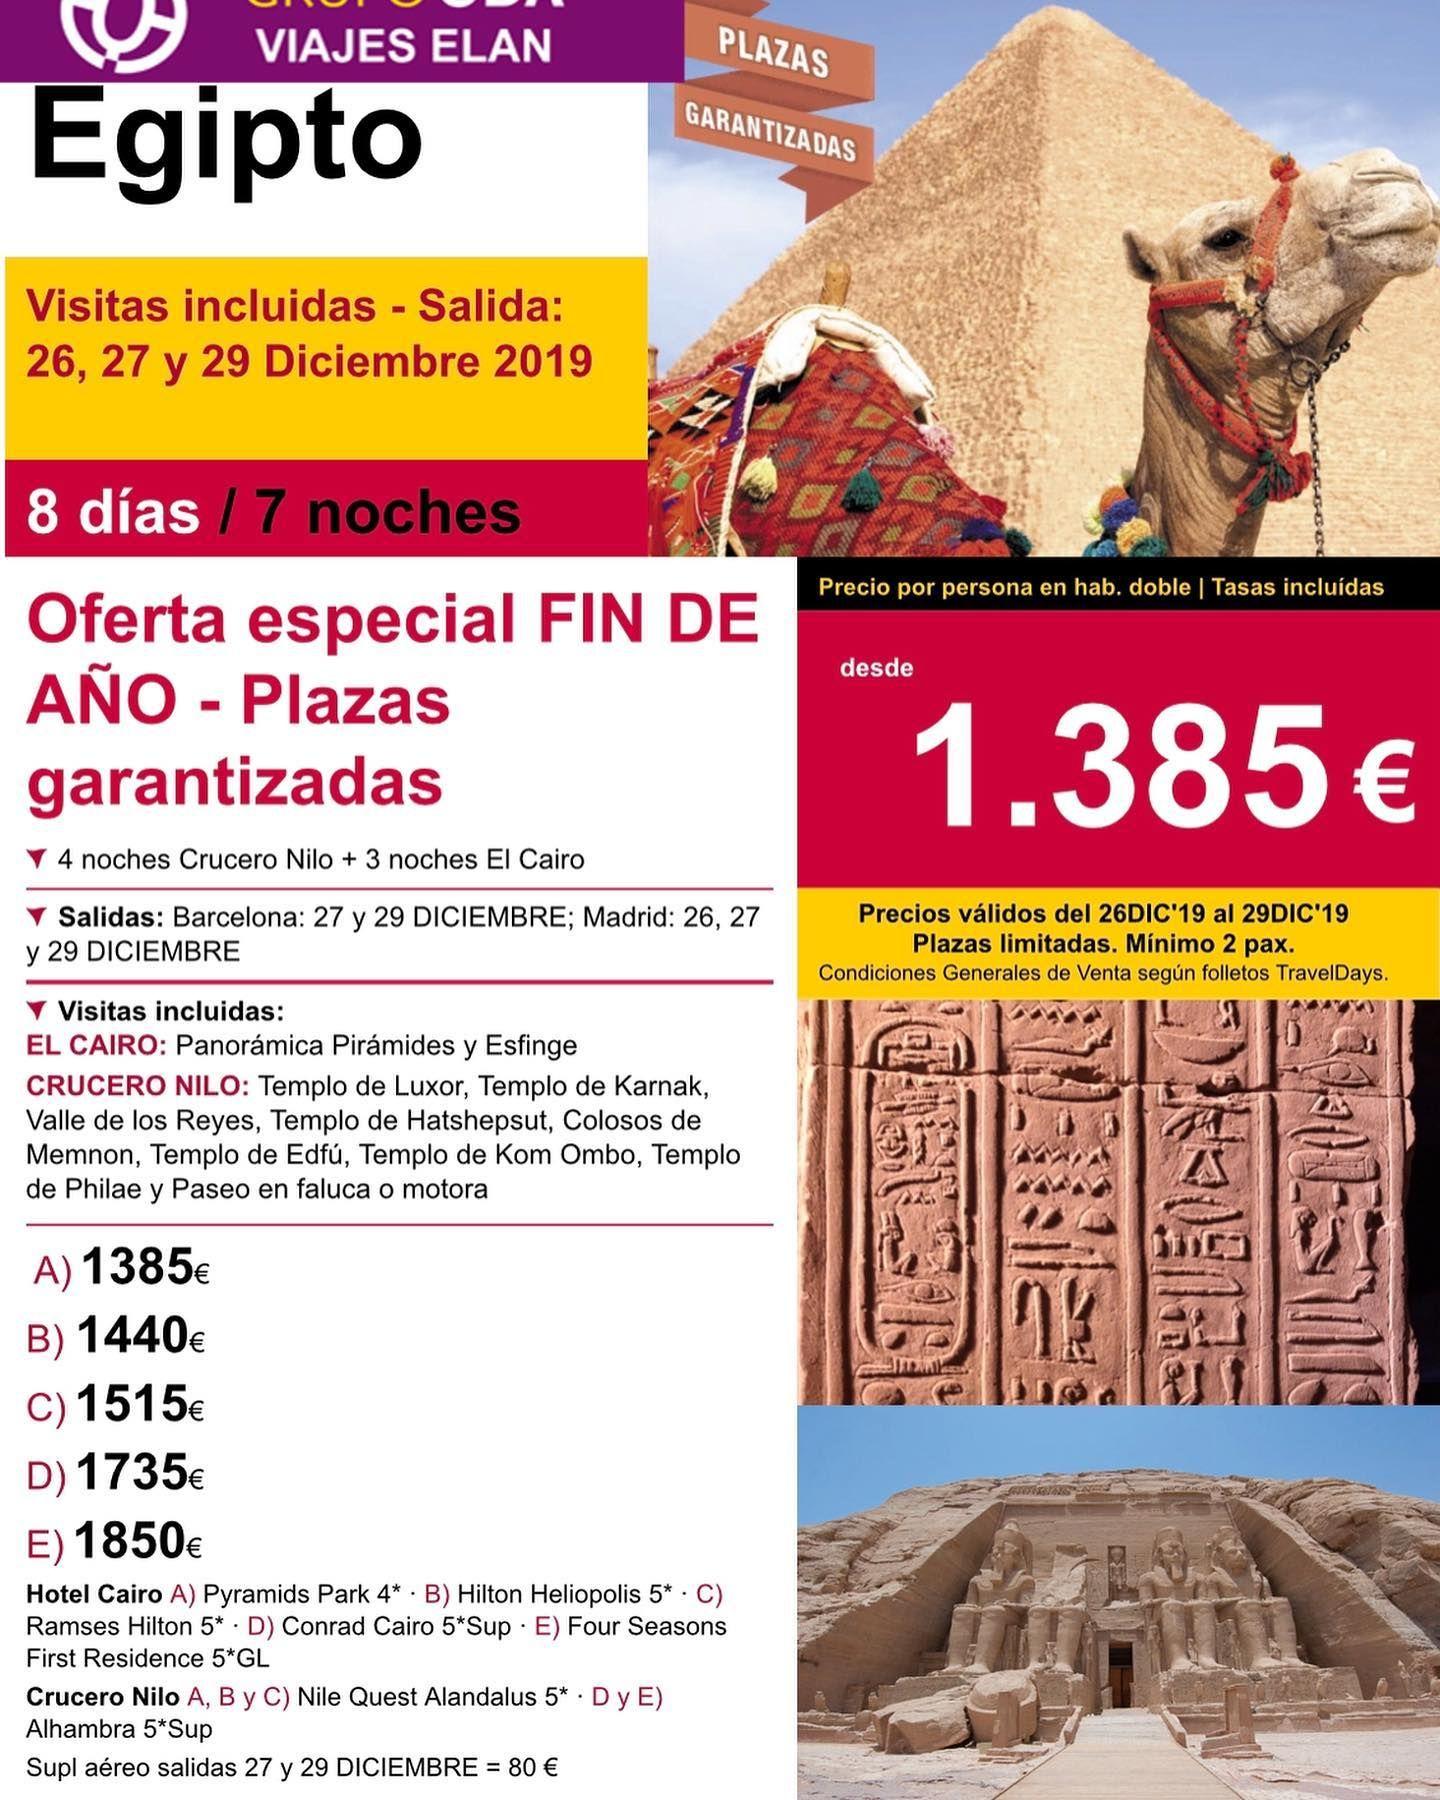 Navidad O Fin De Año En Egipto 8 Noches 7 Días Salida 26 27 Y 29 De Diciembre 2019 Desde 1255 En Navidad Desde 1385 En Fin De Año Viajesodaelan C